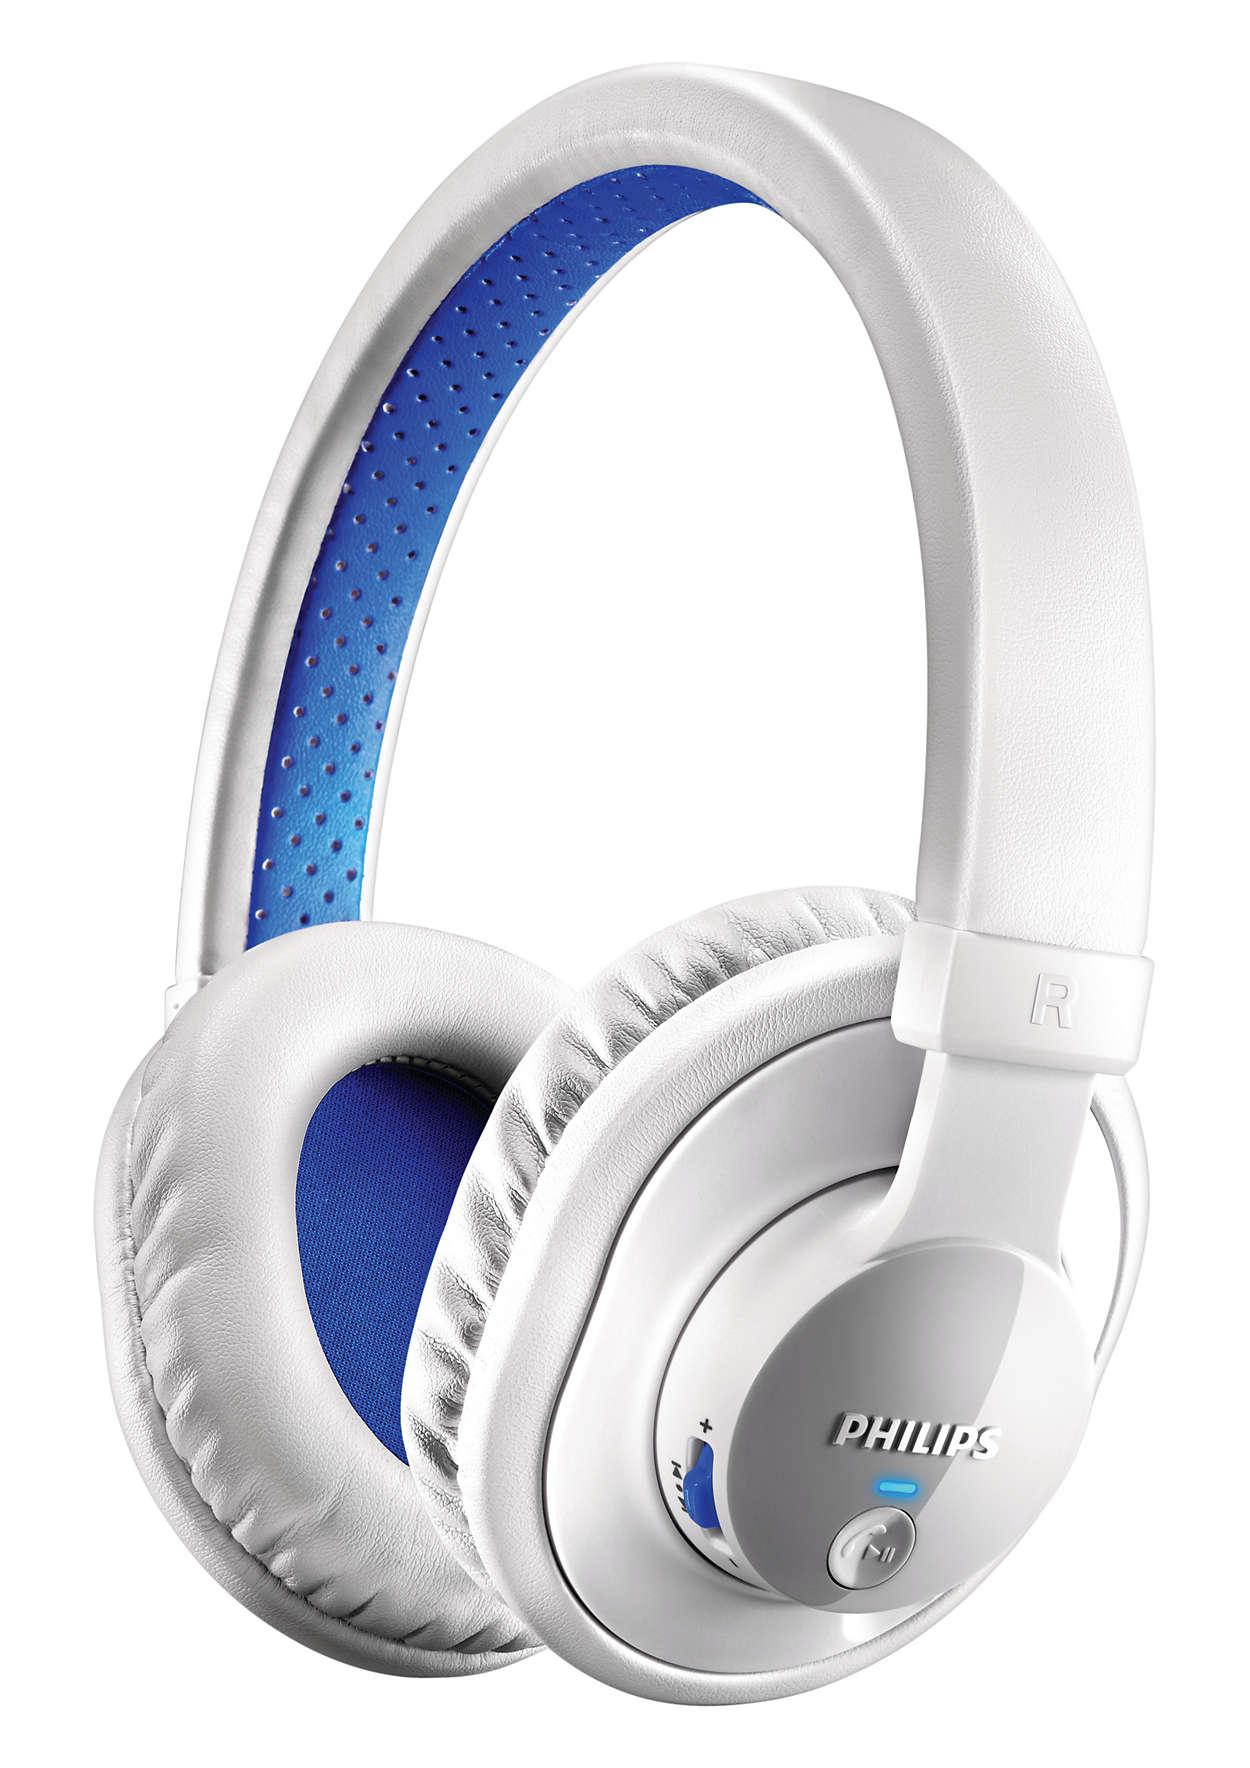 Dźwięk bezprzewodowy wysokiej jakości